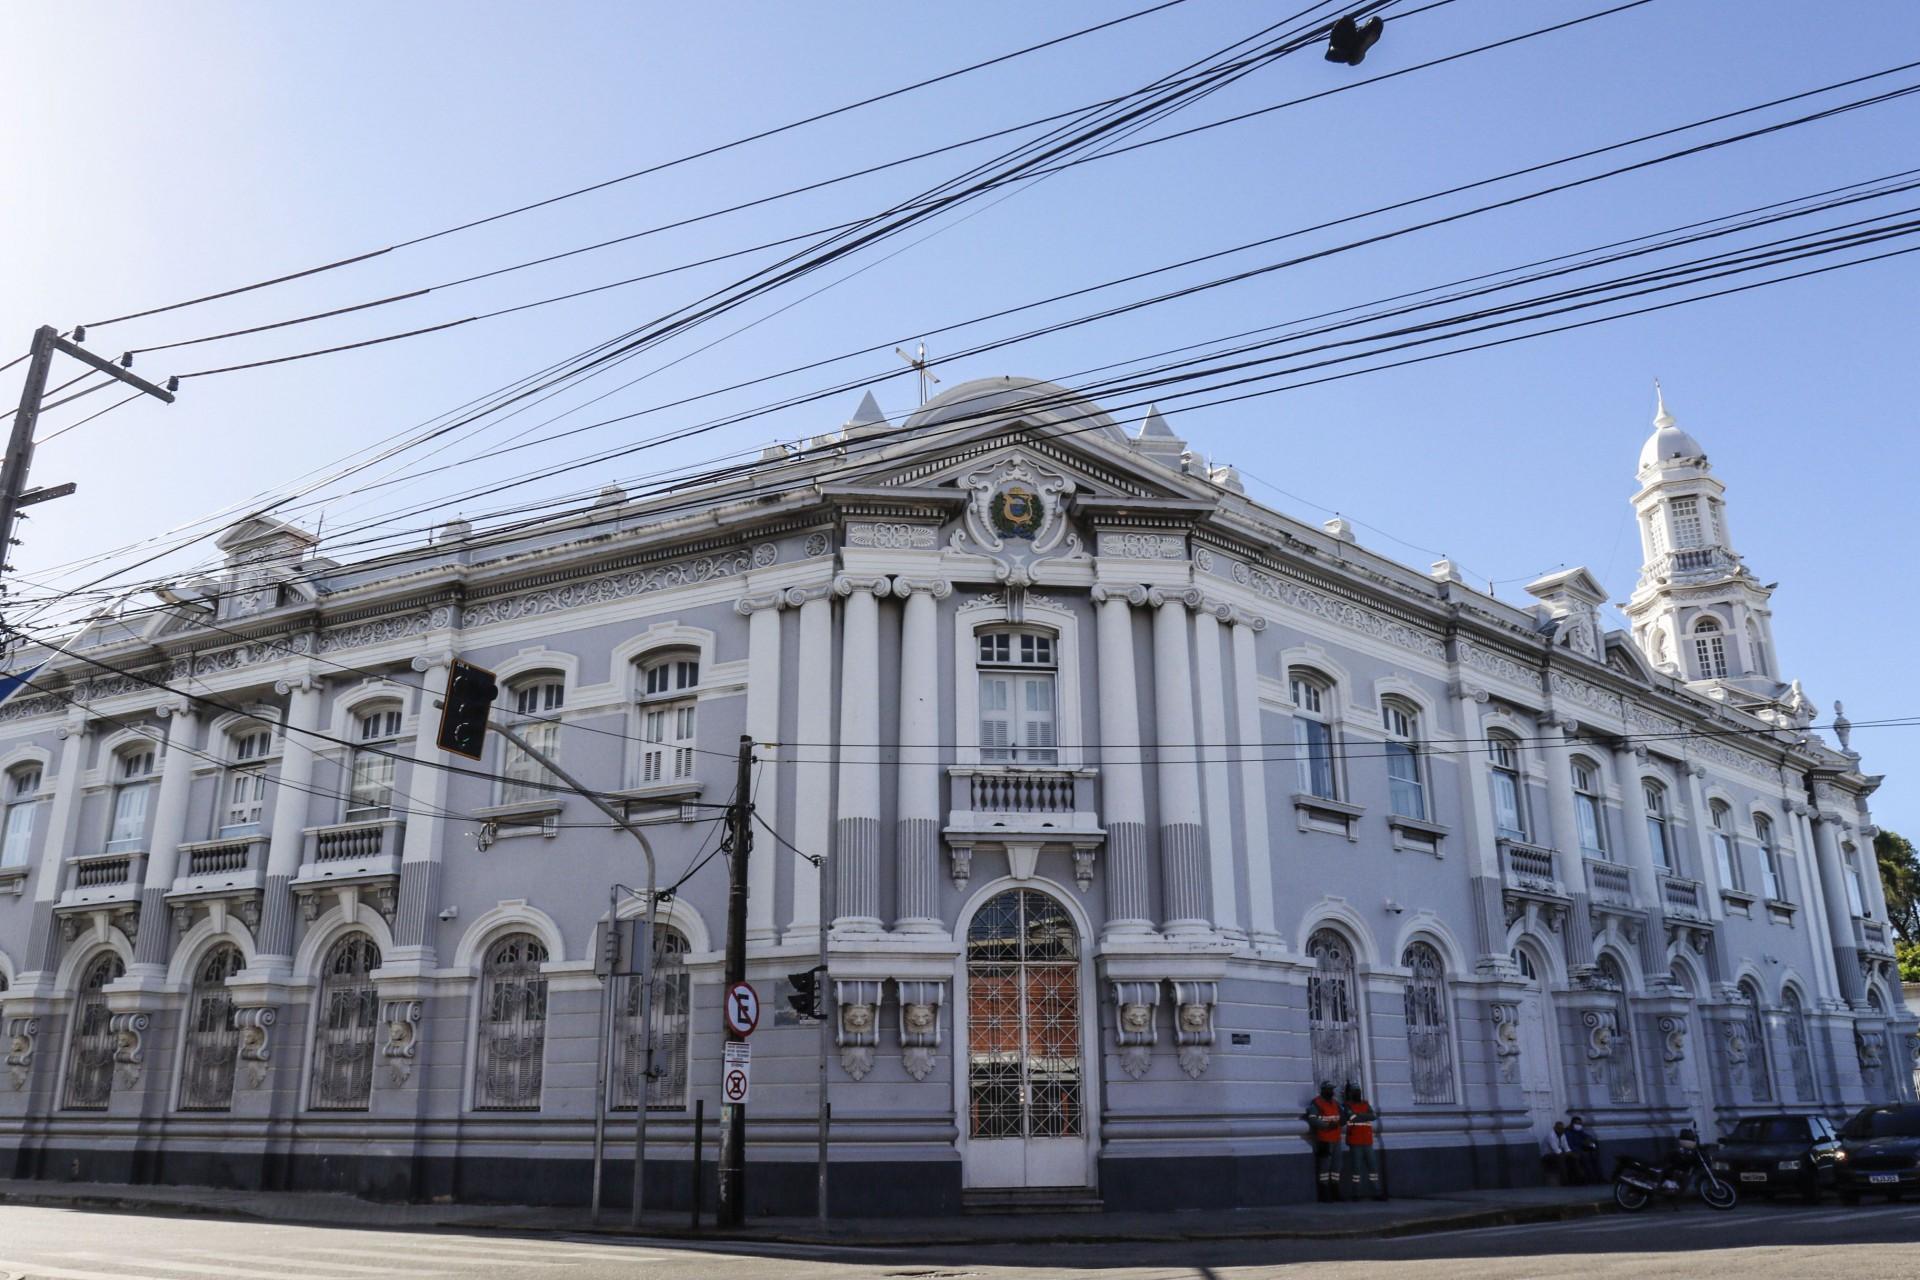 Fachada da sede principal da Sefaz na avenida Alberto Nepomuceno, em Fortaleza, onde será implantado um novo Centro de Memória ainda este ano para democratizar o acesso ao acervo histórico da instituição